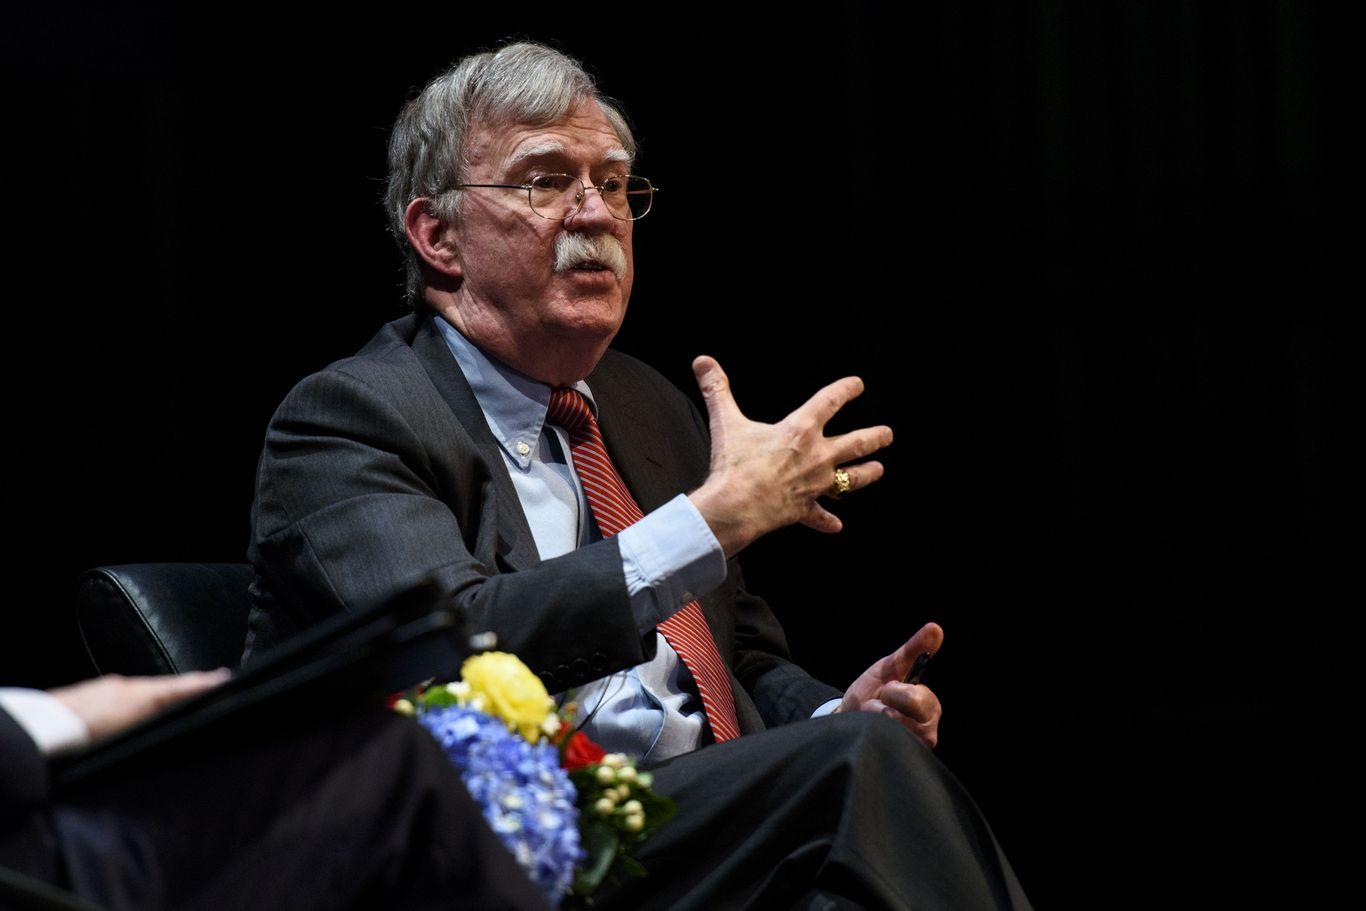 John Bolton says he'll vote for Joe Biden in November thumbnail